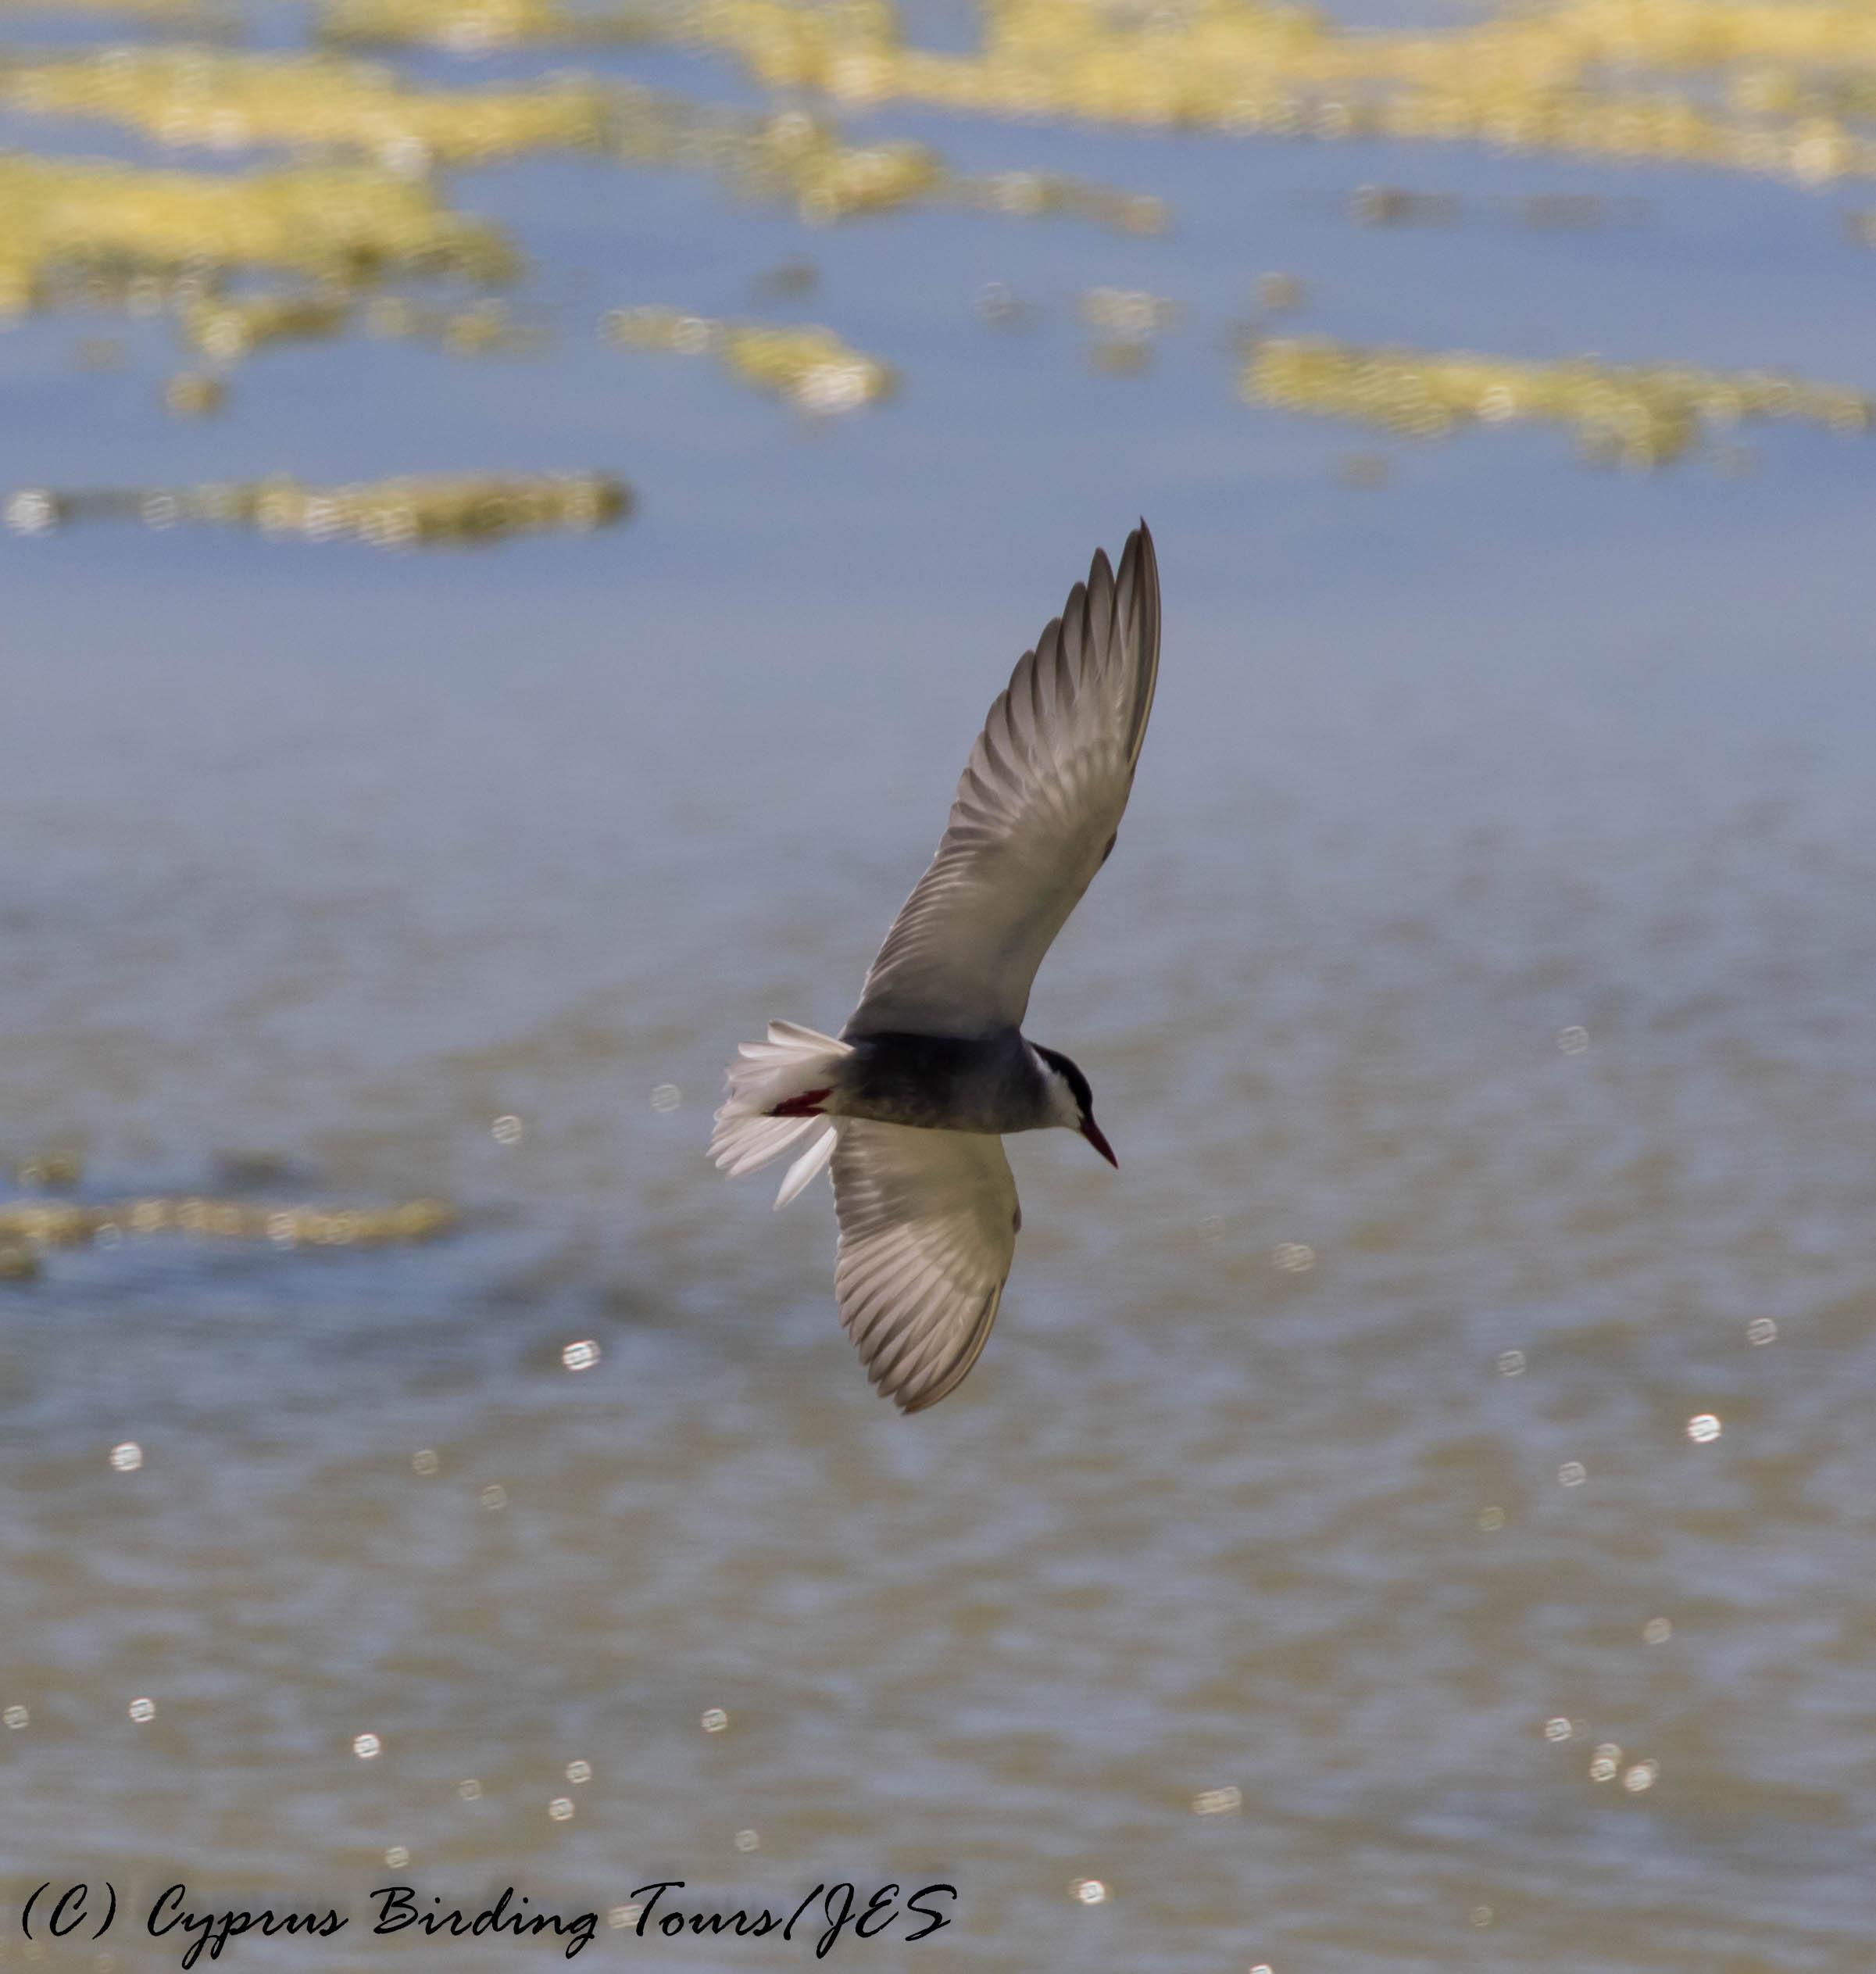 Whiskered Tern, Oroklini Marsh 17th May 2017 (c) Cyprus Birding Tours